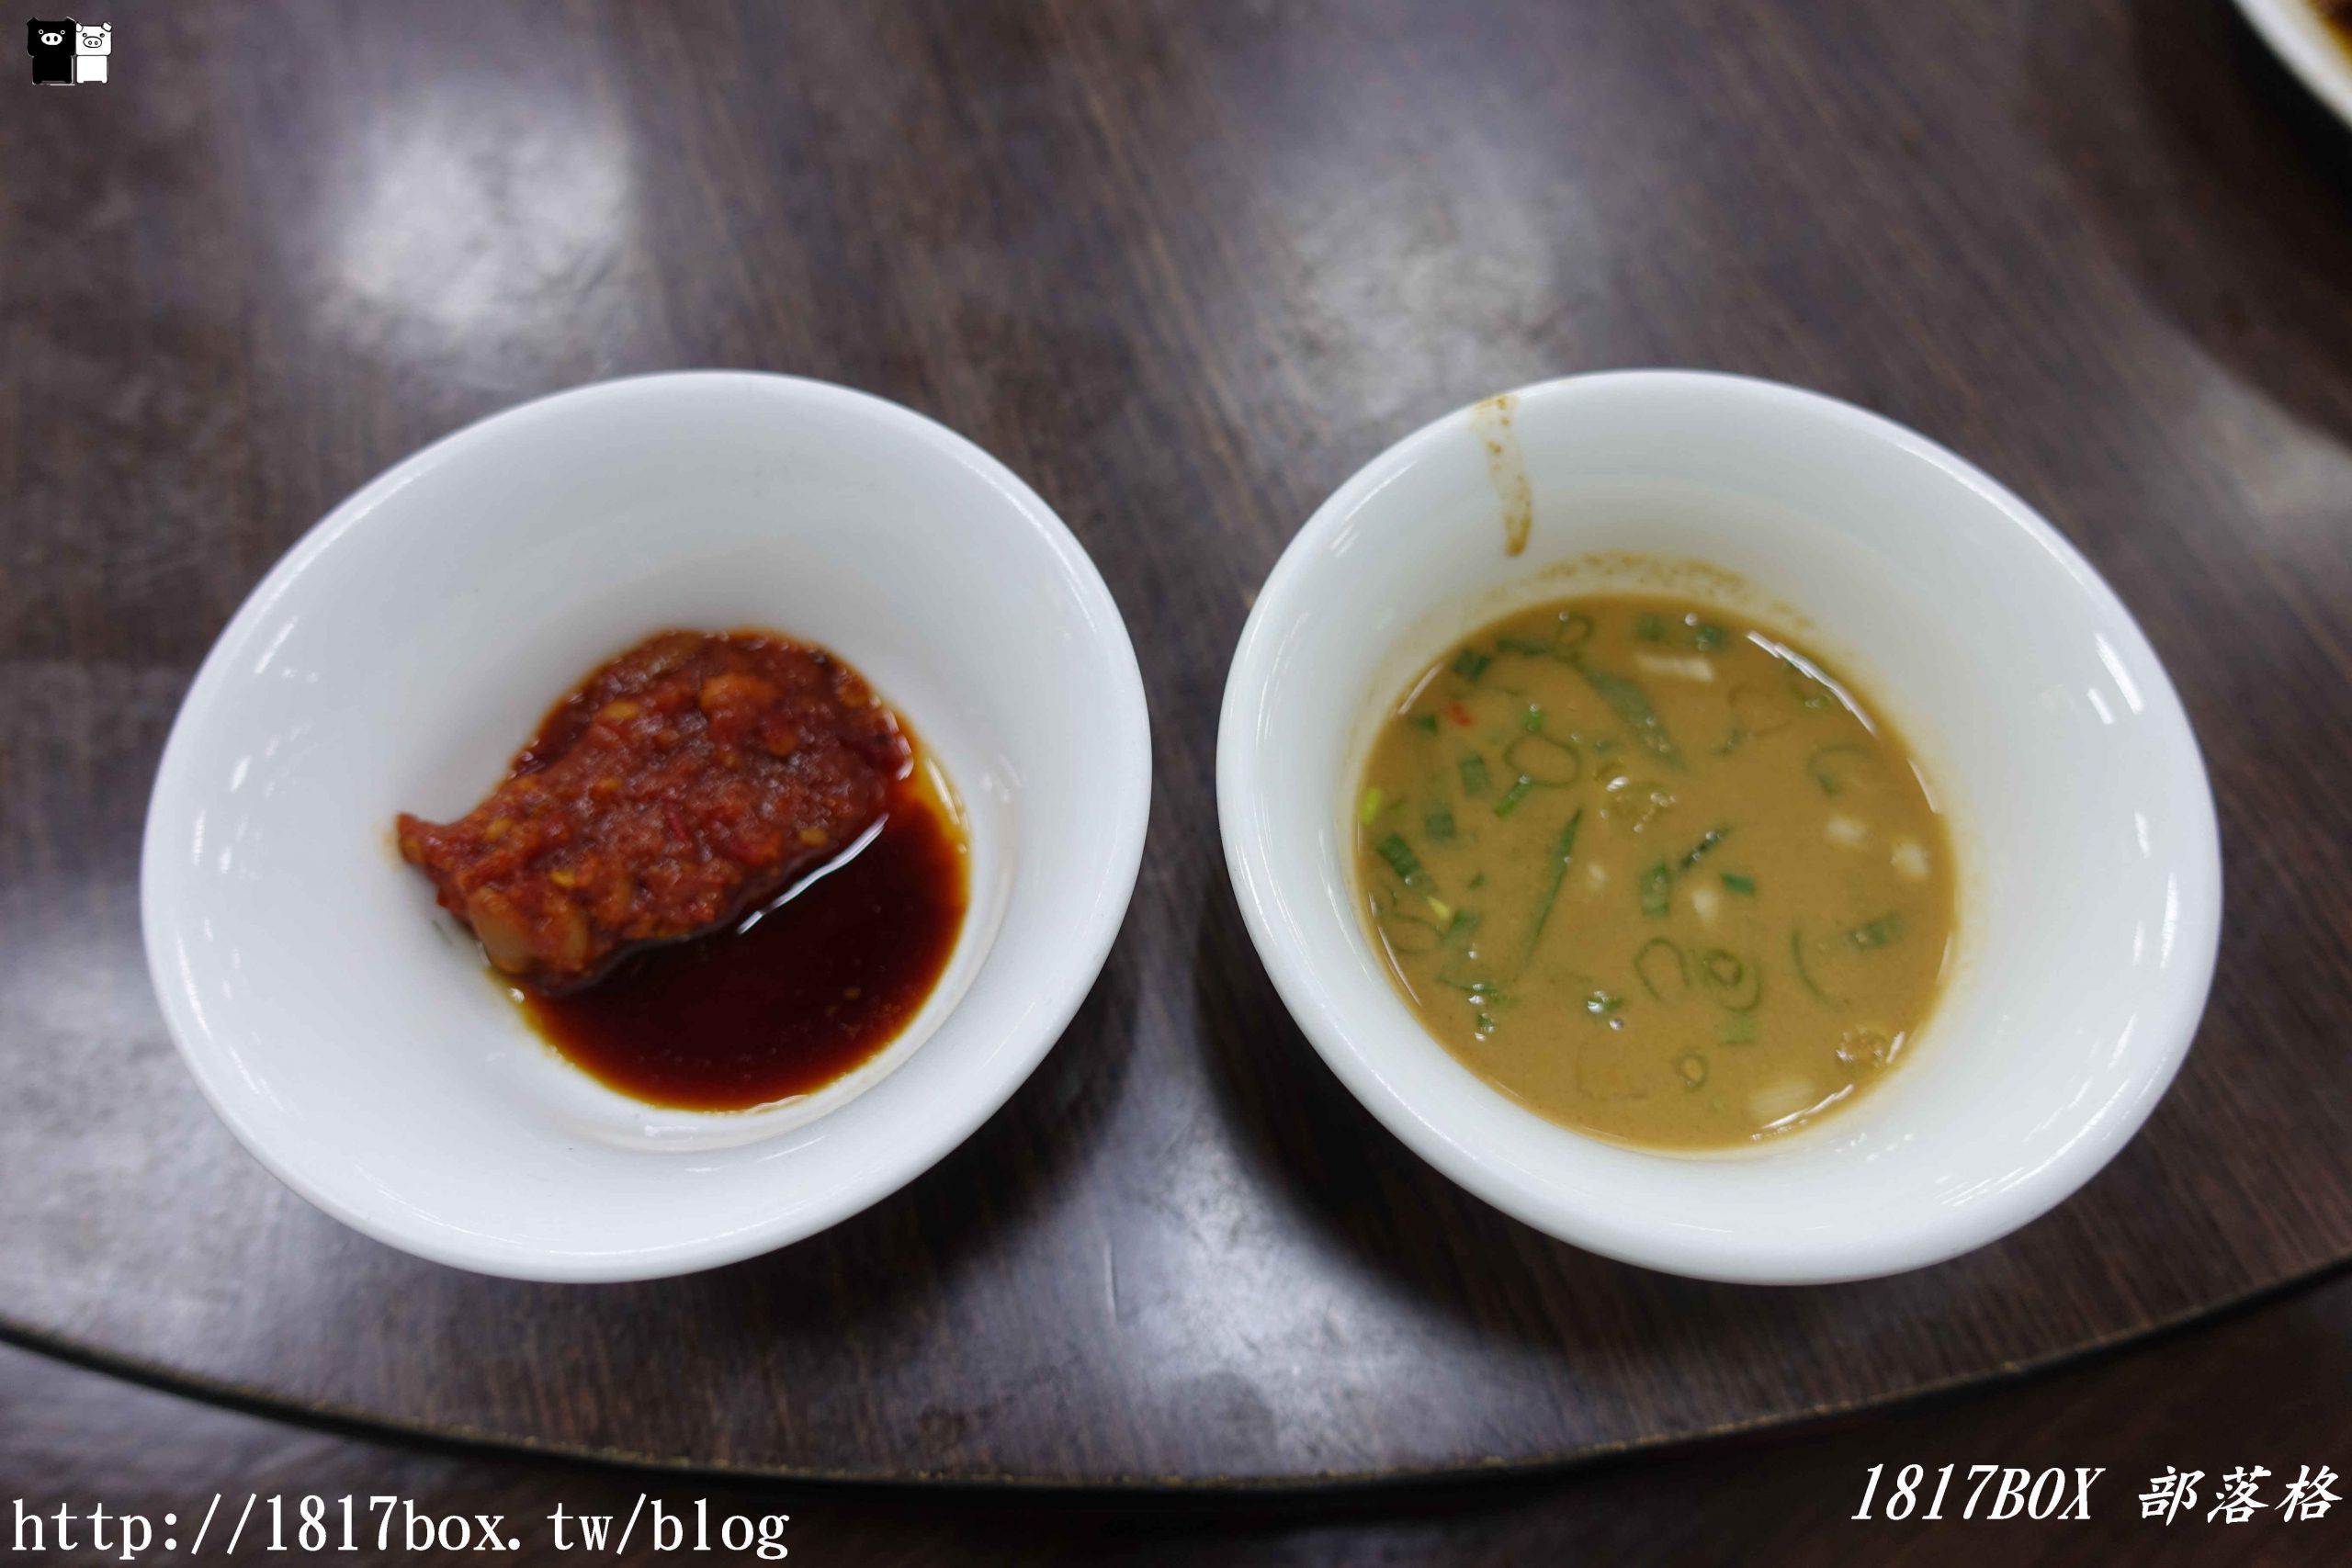 【高雄。左營】眷村美食。劉家酸白菜火鍋創始店 @1817BOX部落格